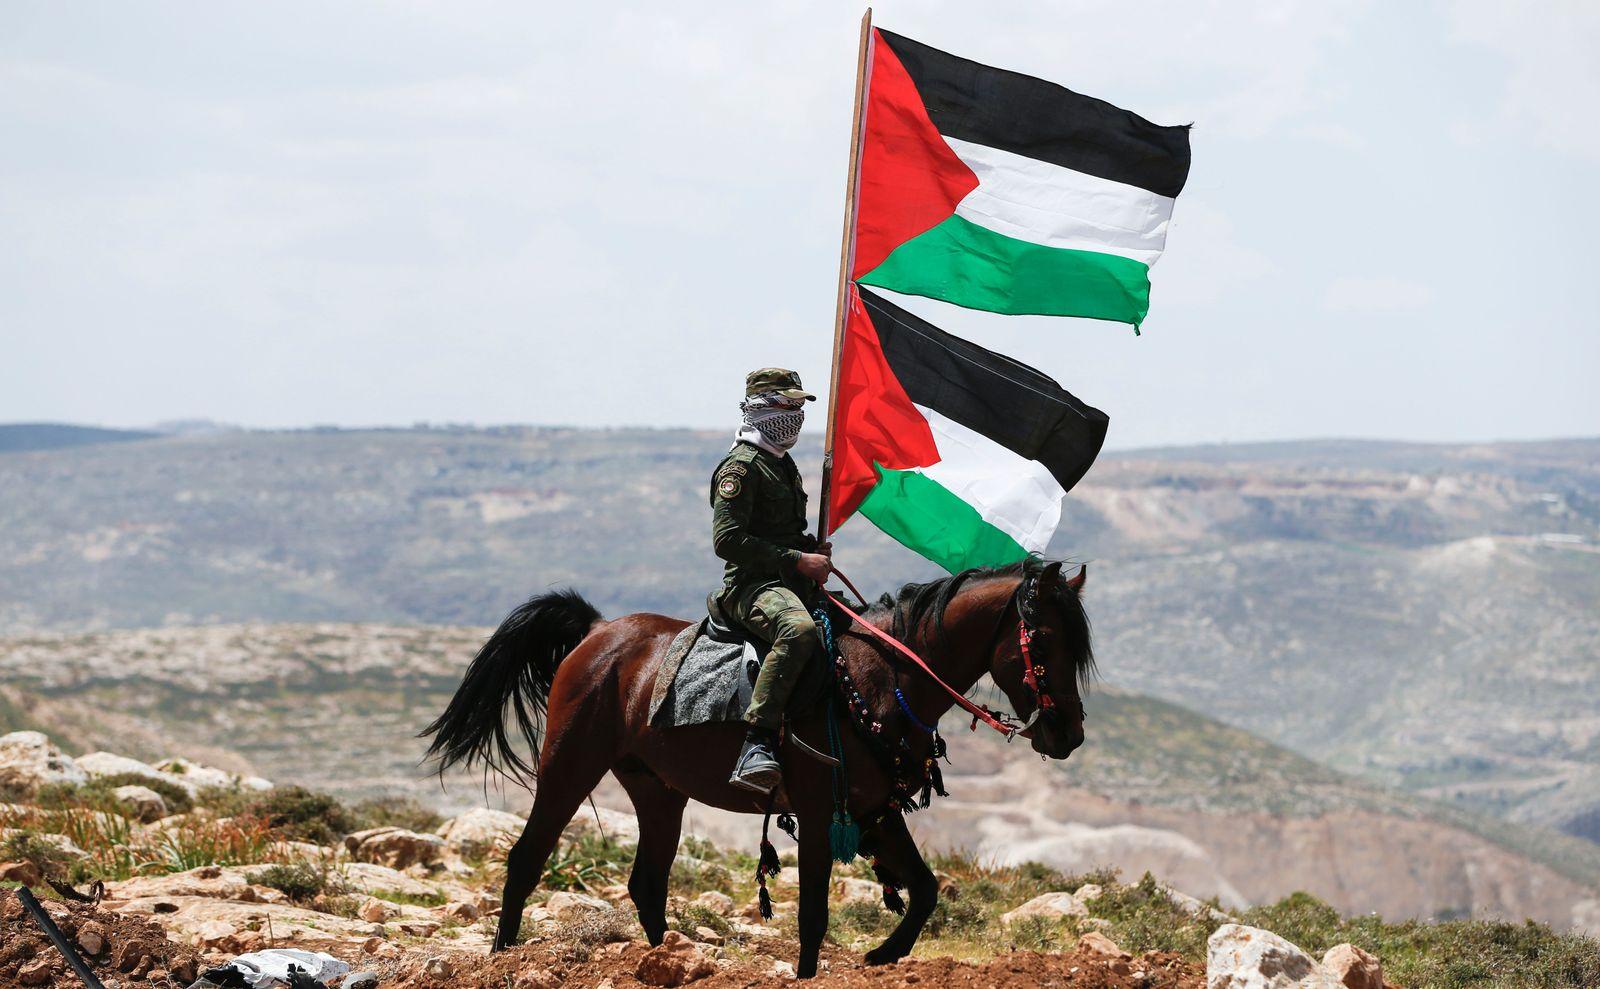 Palästina/BDS